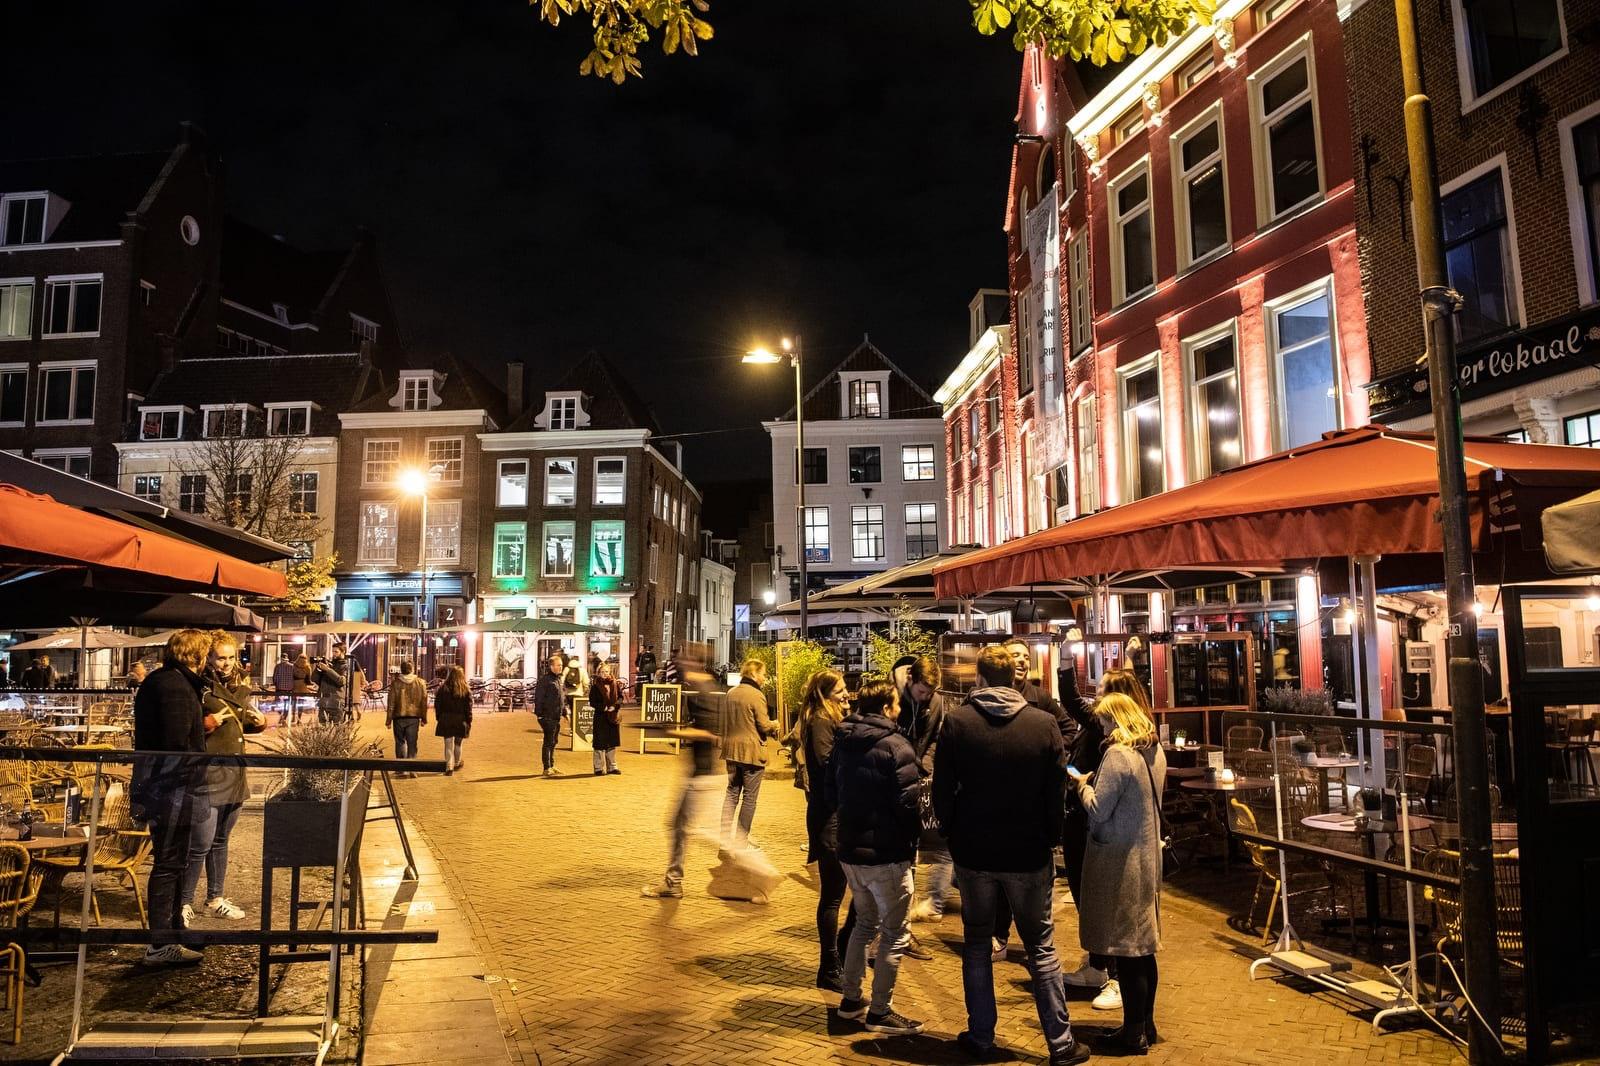 Binnenkort weer naar een restaurant? Gemeente Utrecht wil als proef drie horecazaken openen - De Utrechtse Internet Courant